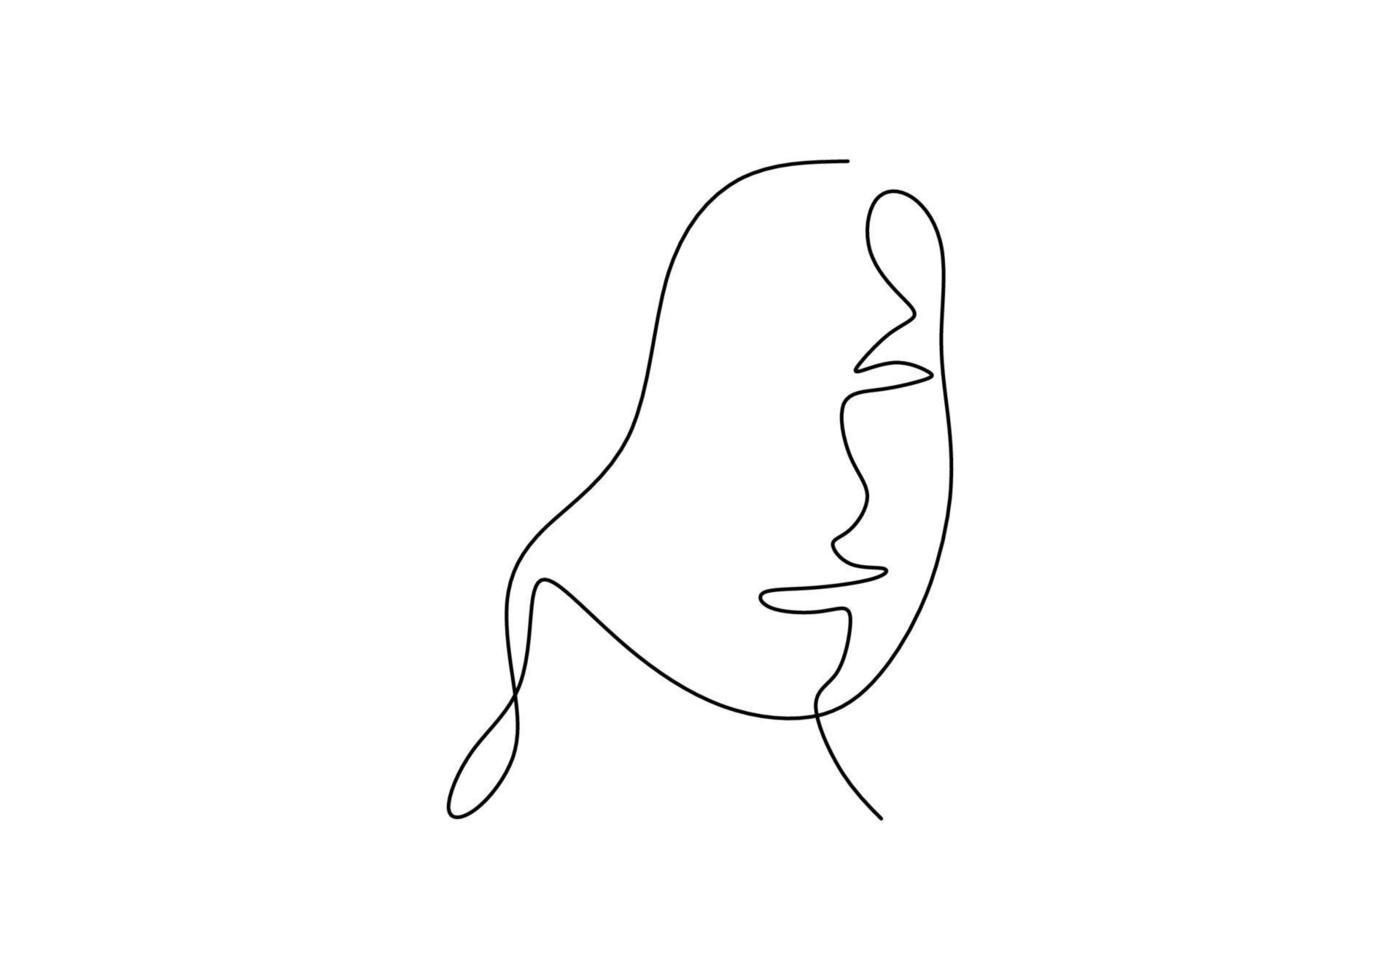 kontinuierliche Strichzeichnung Gesicht abstrakt. Minimalismusvektor lokalisiert auf weißem Hintergrund. vektor